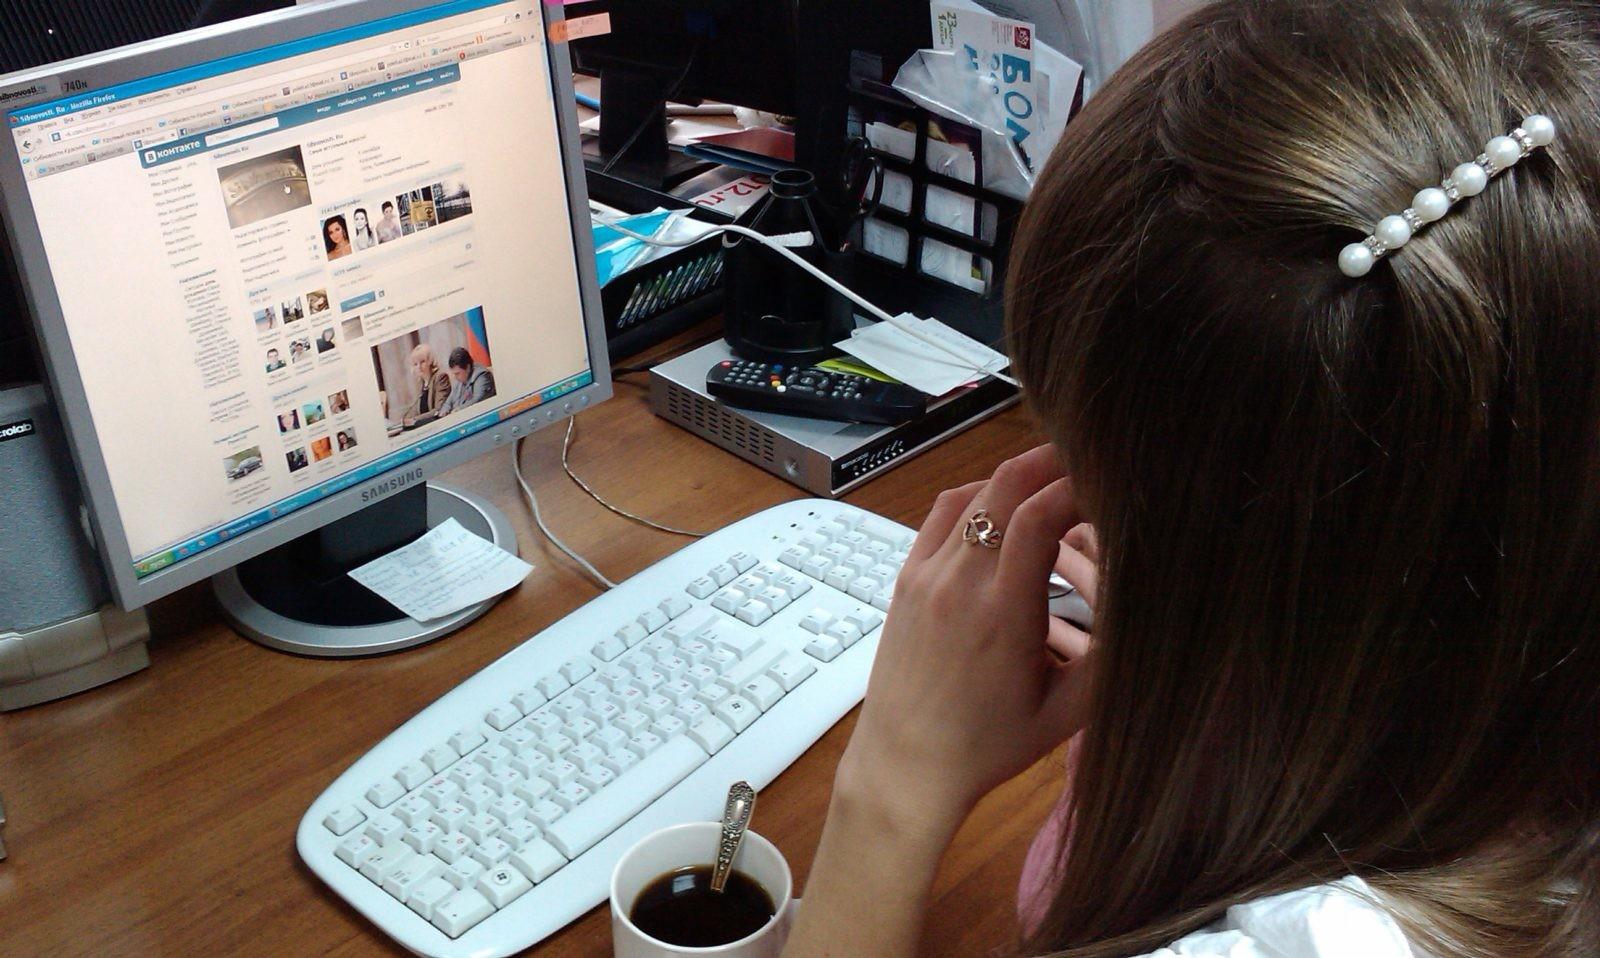 АЗАПИ предложила ВКонтакте ввести частично платный контент